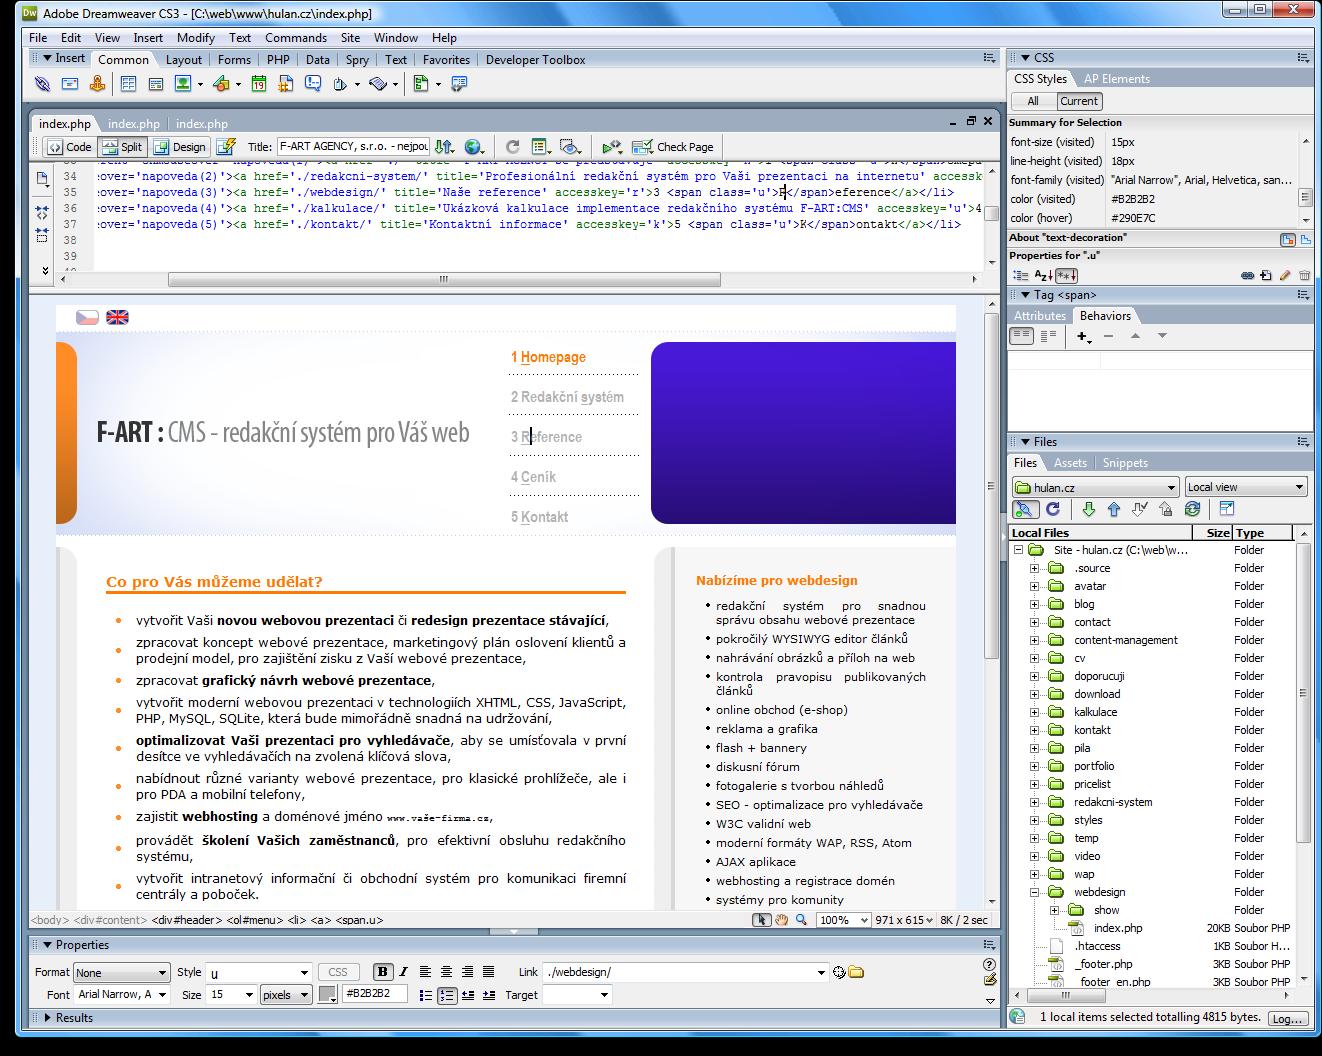 Dreamweaver cs3 key generator